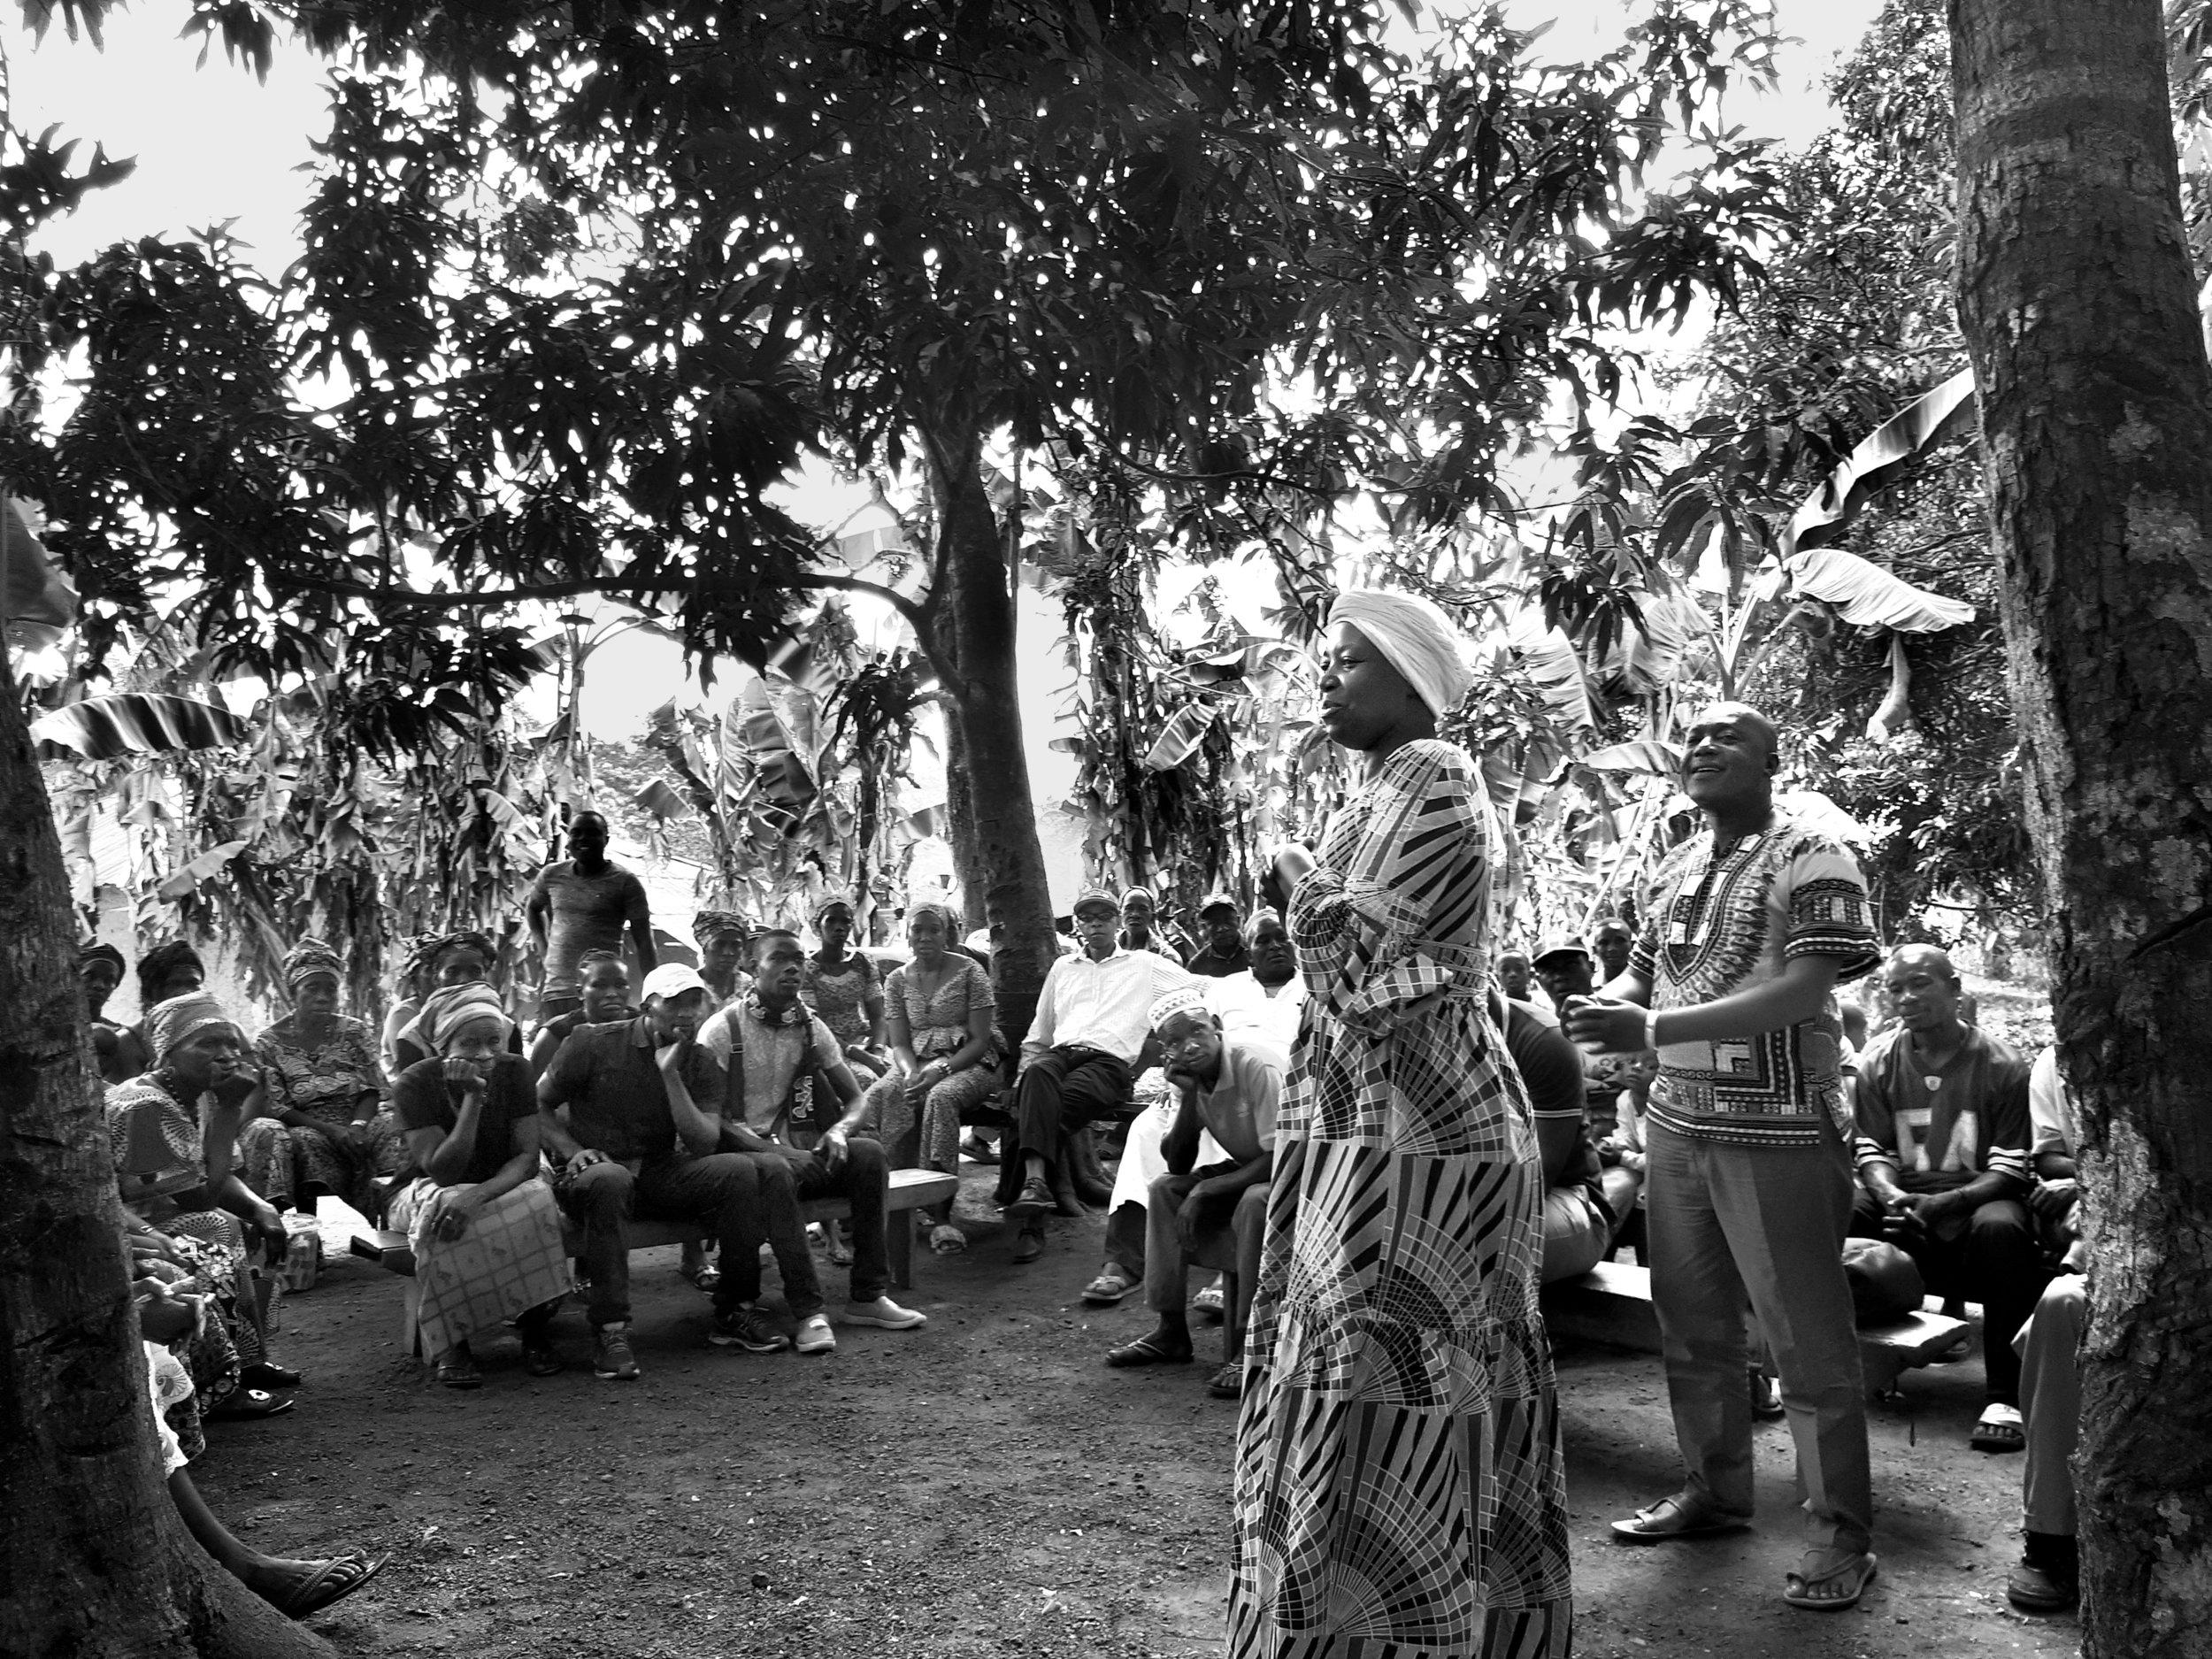 In der Demokratischen Republik Kongo und in Sierra Leone kämpfen Dorfgemeinschaften mit Unterstützung des SOLIFONDS gegen Landraub und seine Folgen. Zu diesen gehört ausser den Vertreibungen auch die Zerstörung von Flora und Fauna durch die Palmöl-Monokultur.